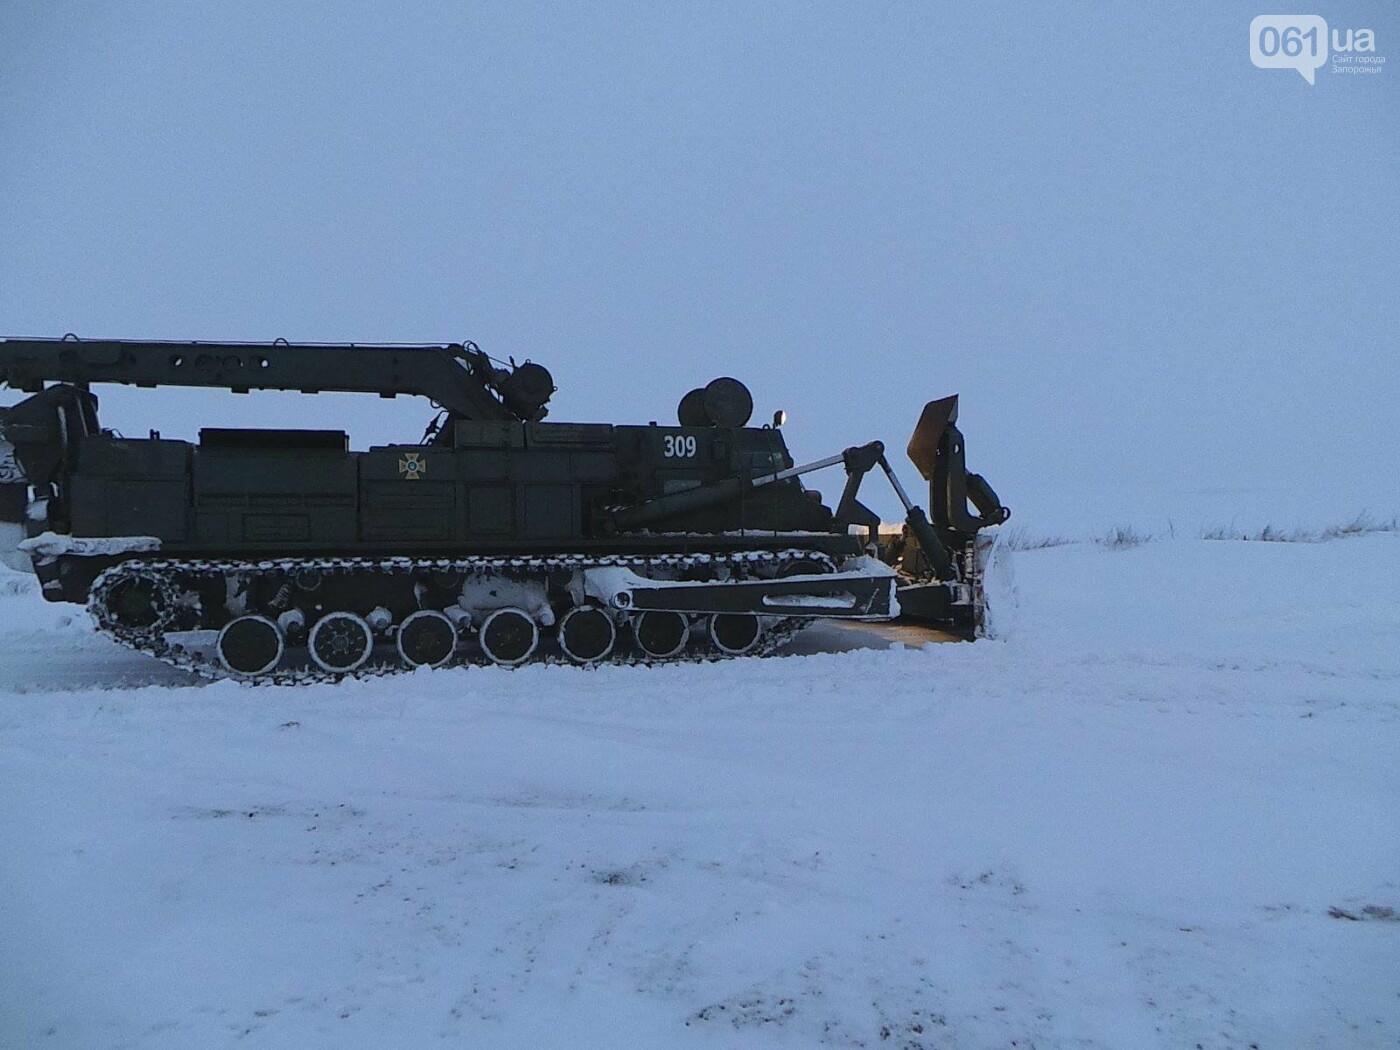 В Запорожской области за 4 суток из снега вытащили 192 машины, спасены 453 человека, - ФОТО, ВИДЕО, фото-5